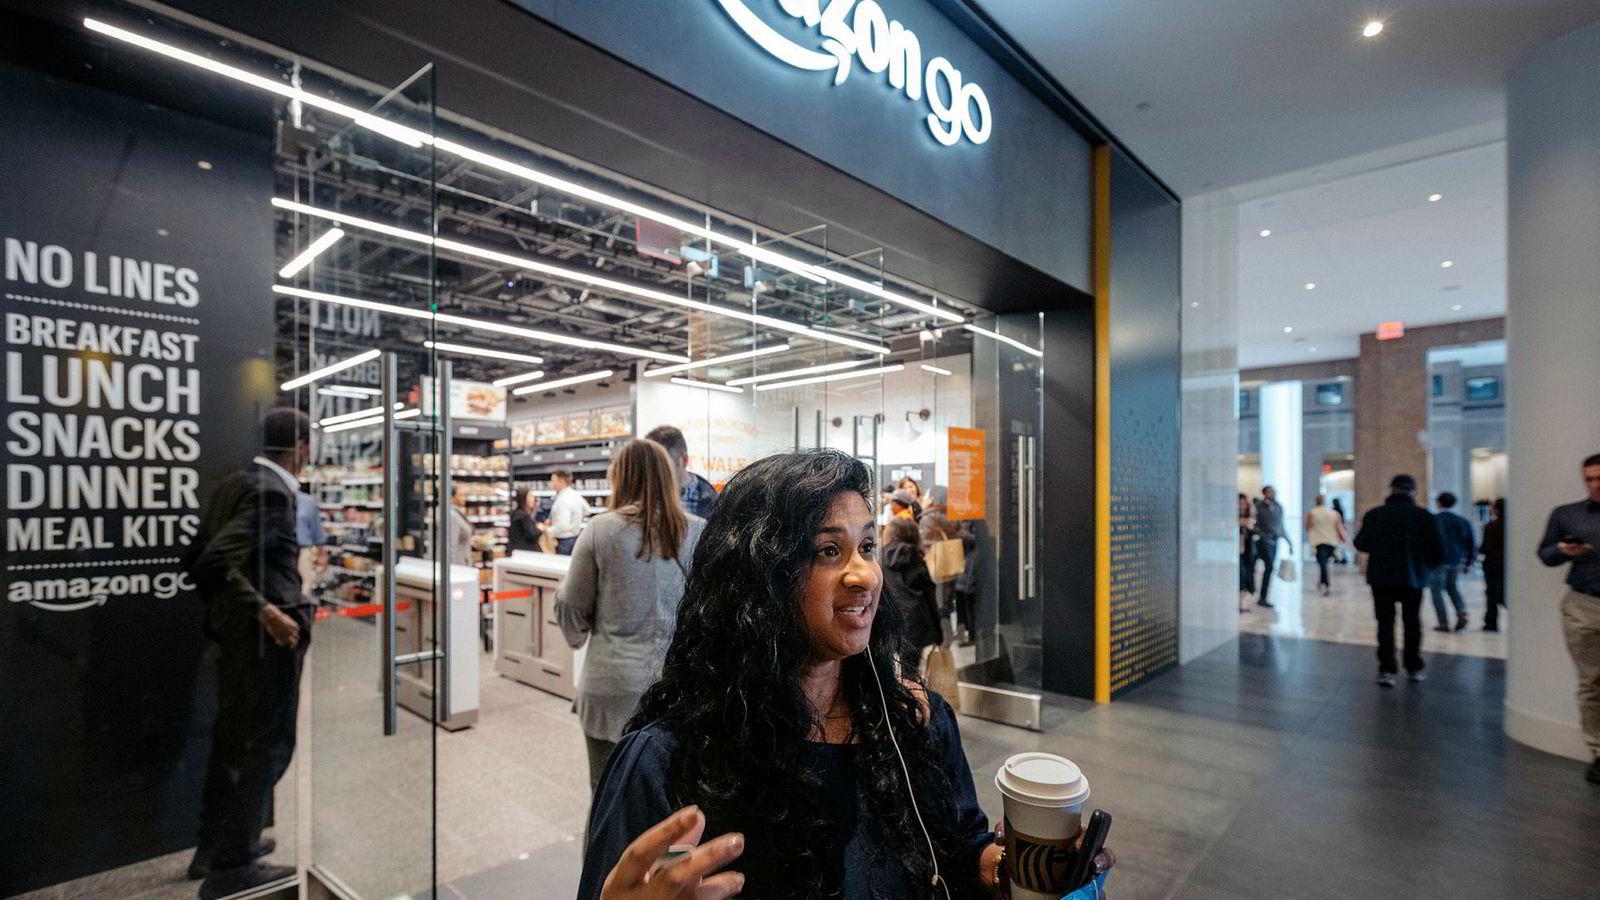 Lisa Jakob er en snartur innom den nyåpnede Amazon Go-butikken i New Yorks finansdistrikt. Hun bruker appen til å registrere seg inn og forlater butikken uten å gå i kassen.